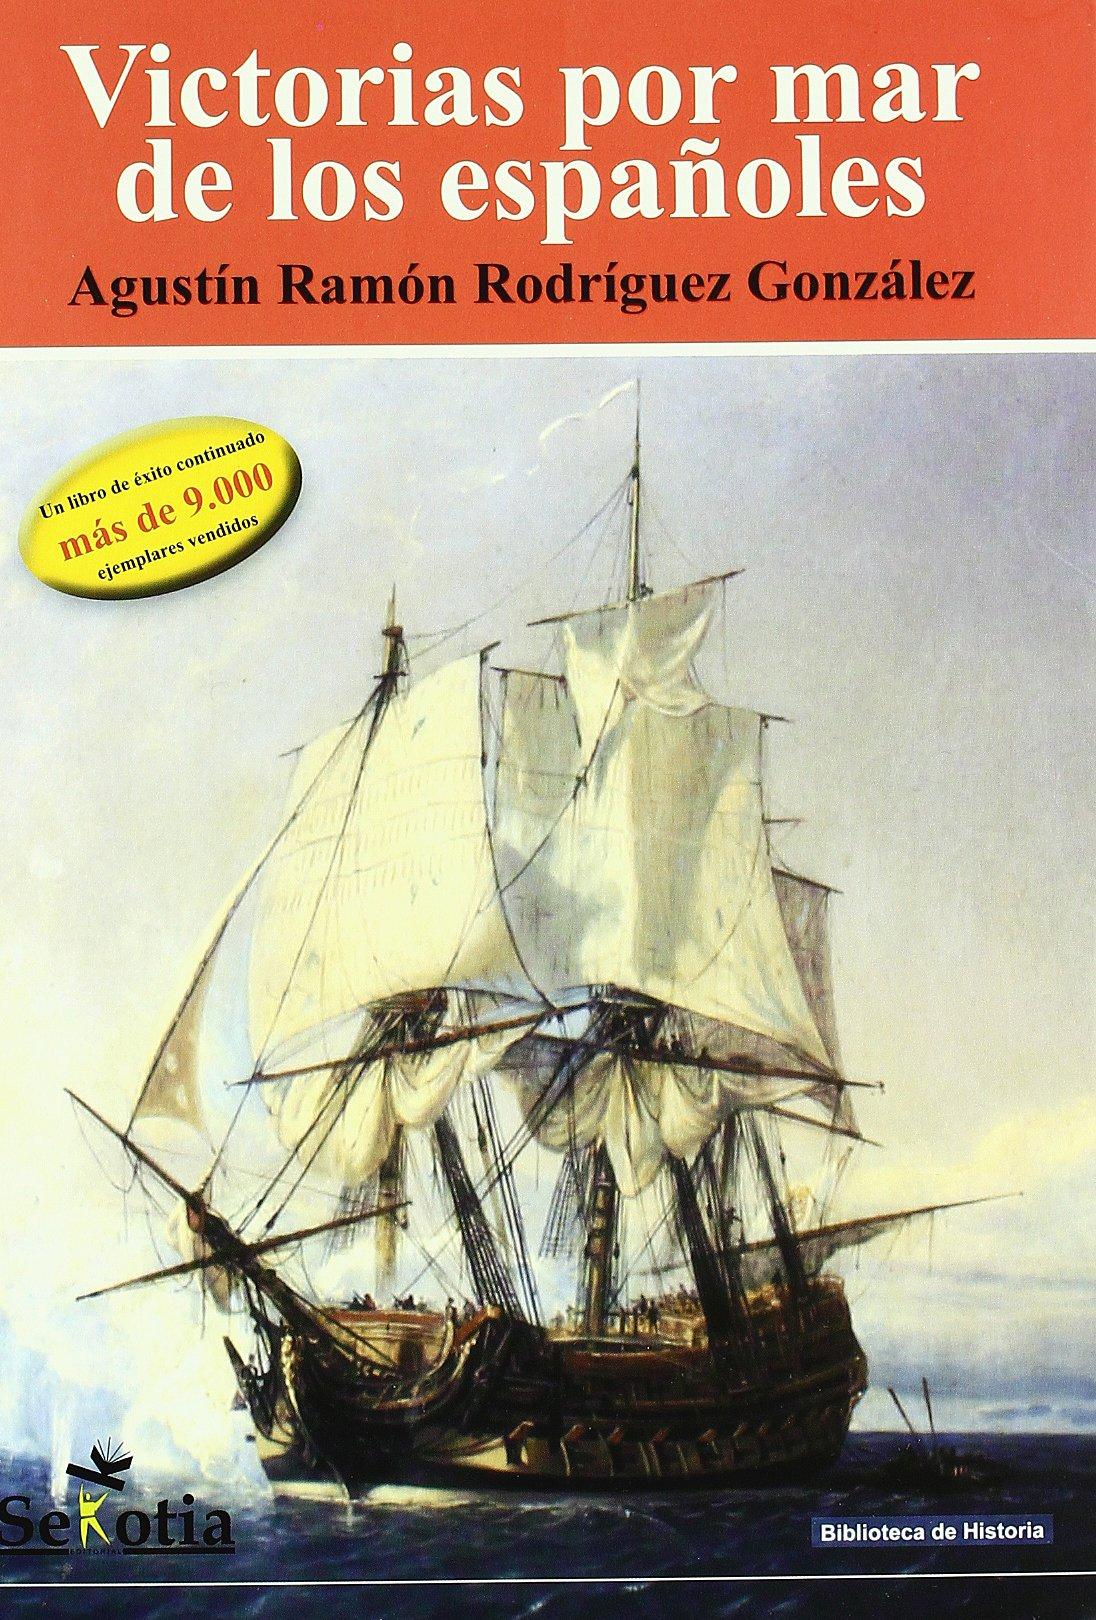 Victorias por mar de los españoles (5ª ed.) Tapa blanda – 9 nov 2010 Agustin R. Rodriguez Gonzalez Sekotia S.L. 8496899578